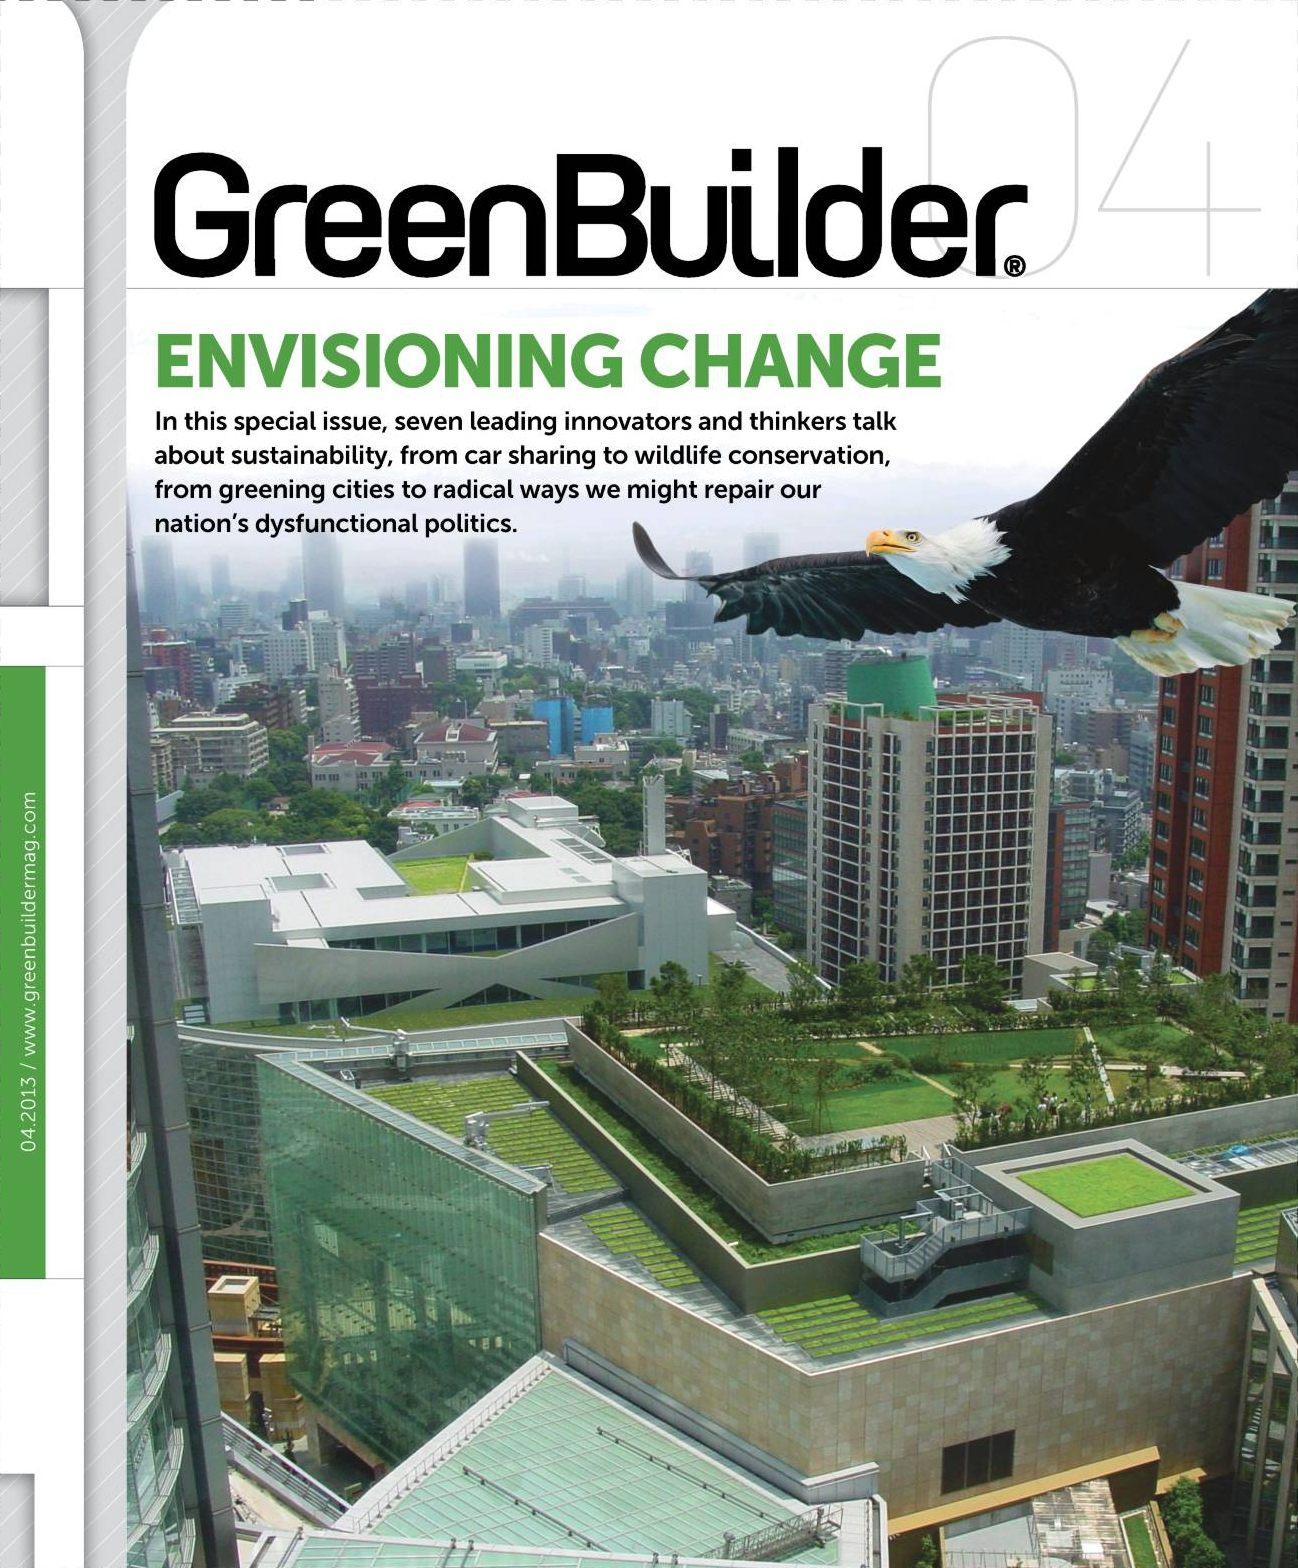 Green Builder magazine